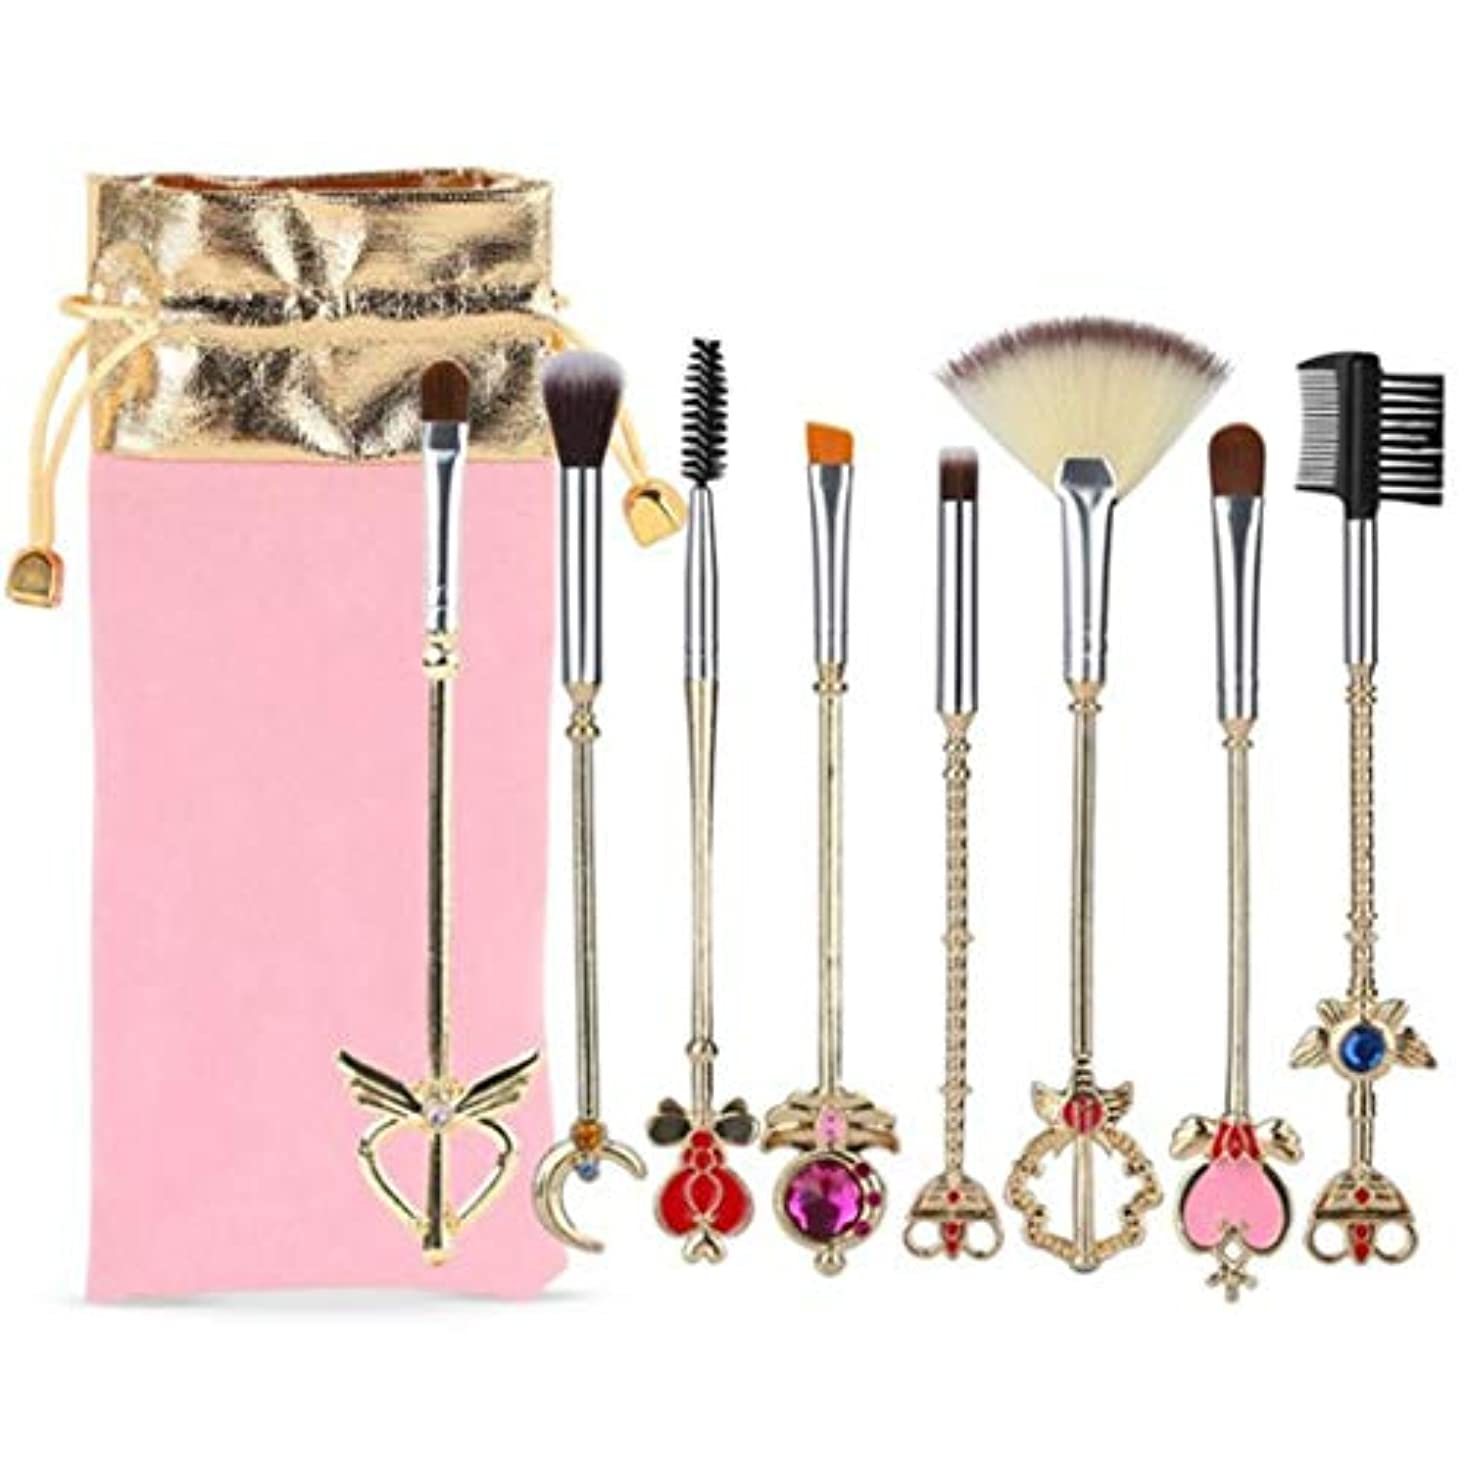 蓄積する手紙を書く重量OU-Kunmlef 信頼できる8 PCセーラームーン化粧ブラシは、ポーチ、魔法の女の子ゴールドcardcaptor桜の化粧品ブラシとセットをドローストリングバッグ